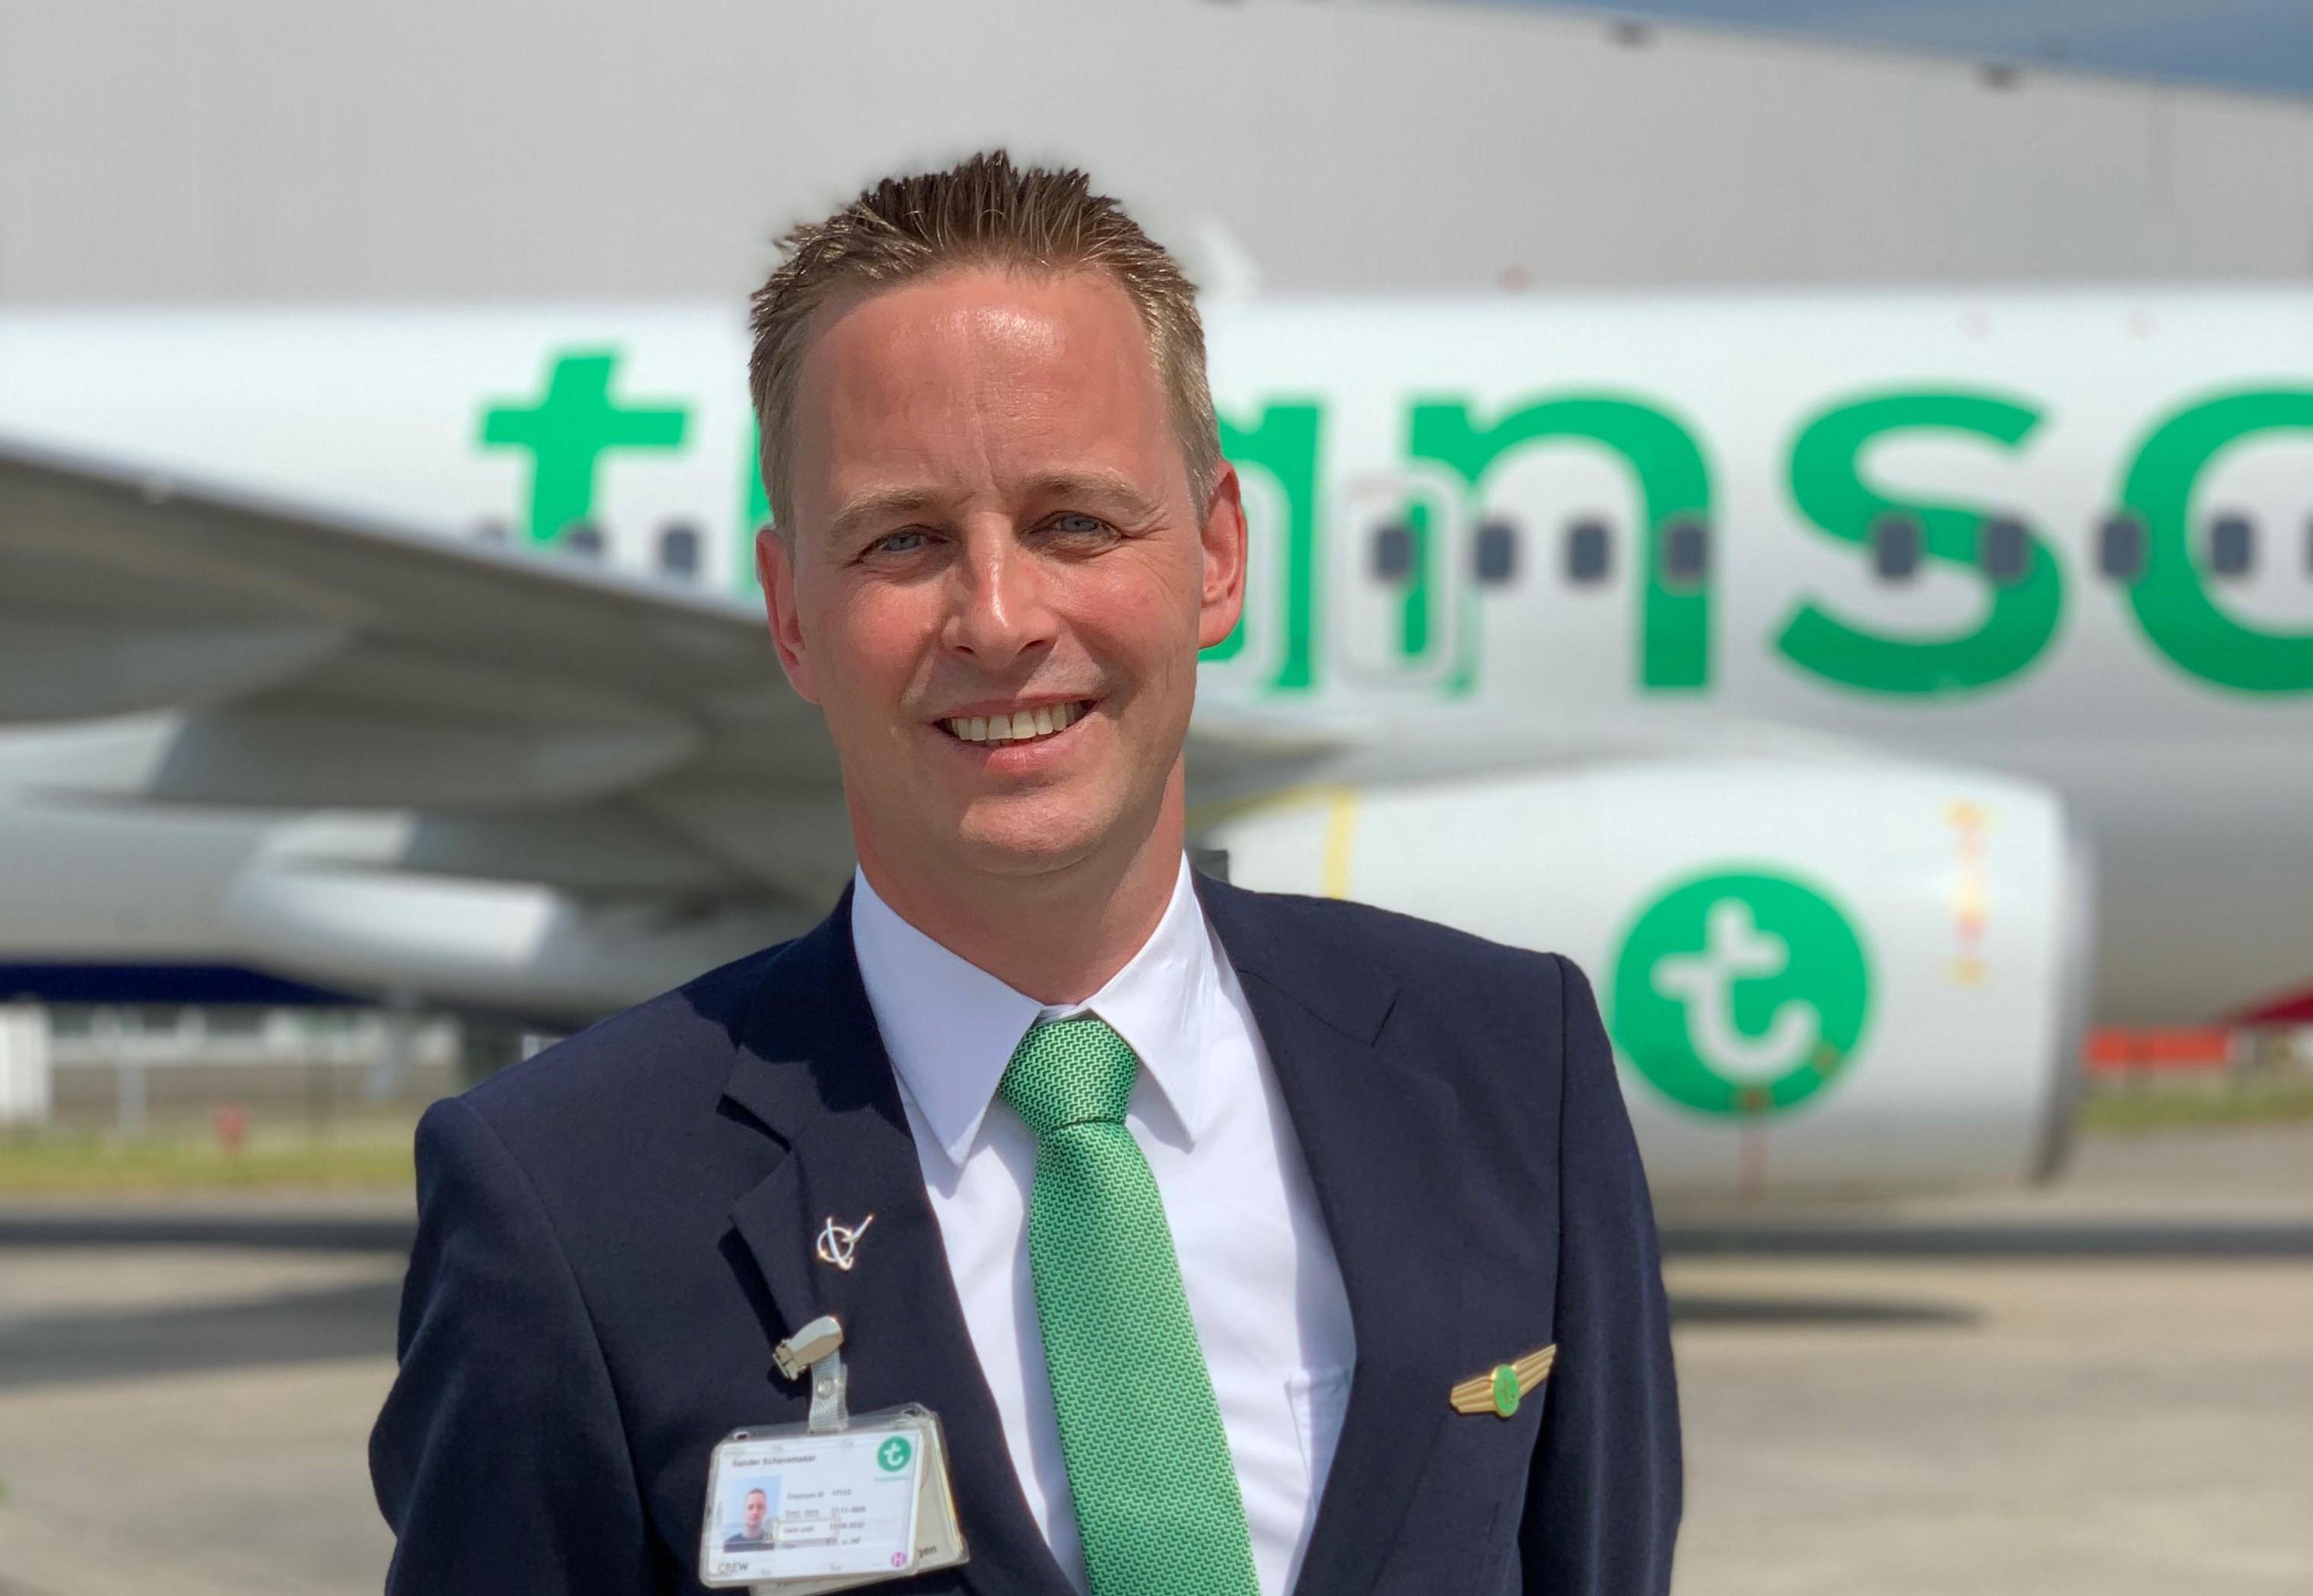 Sander mag weer vliegen: 'Ik zou mijn ouders zo naar hun vakantiebestemming brengen'